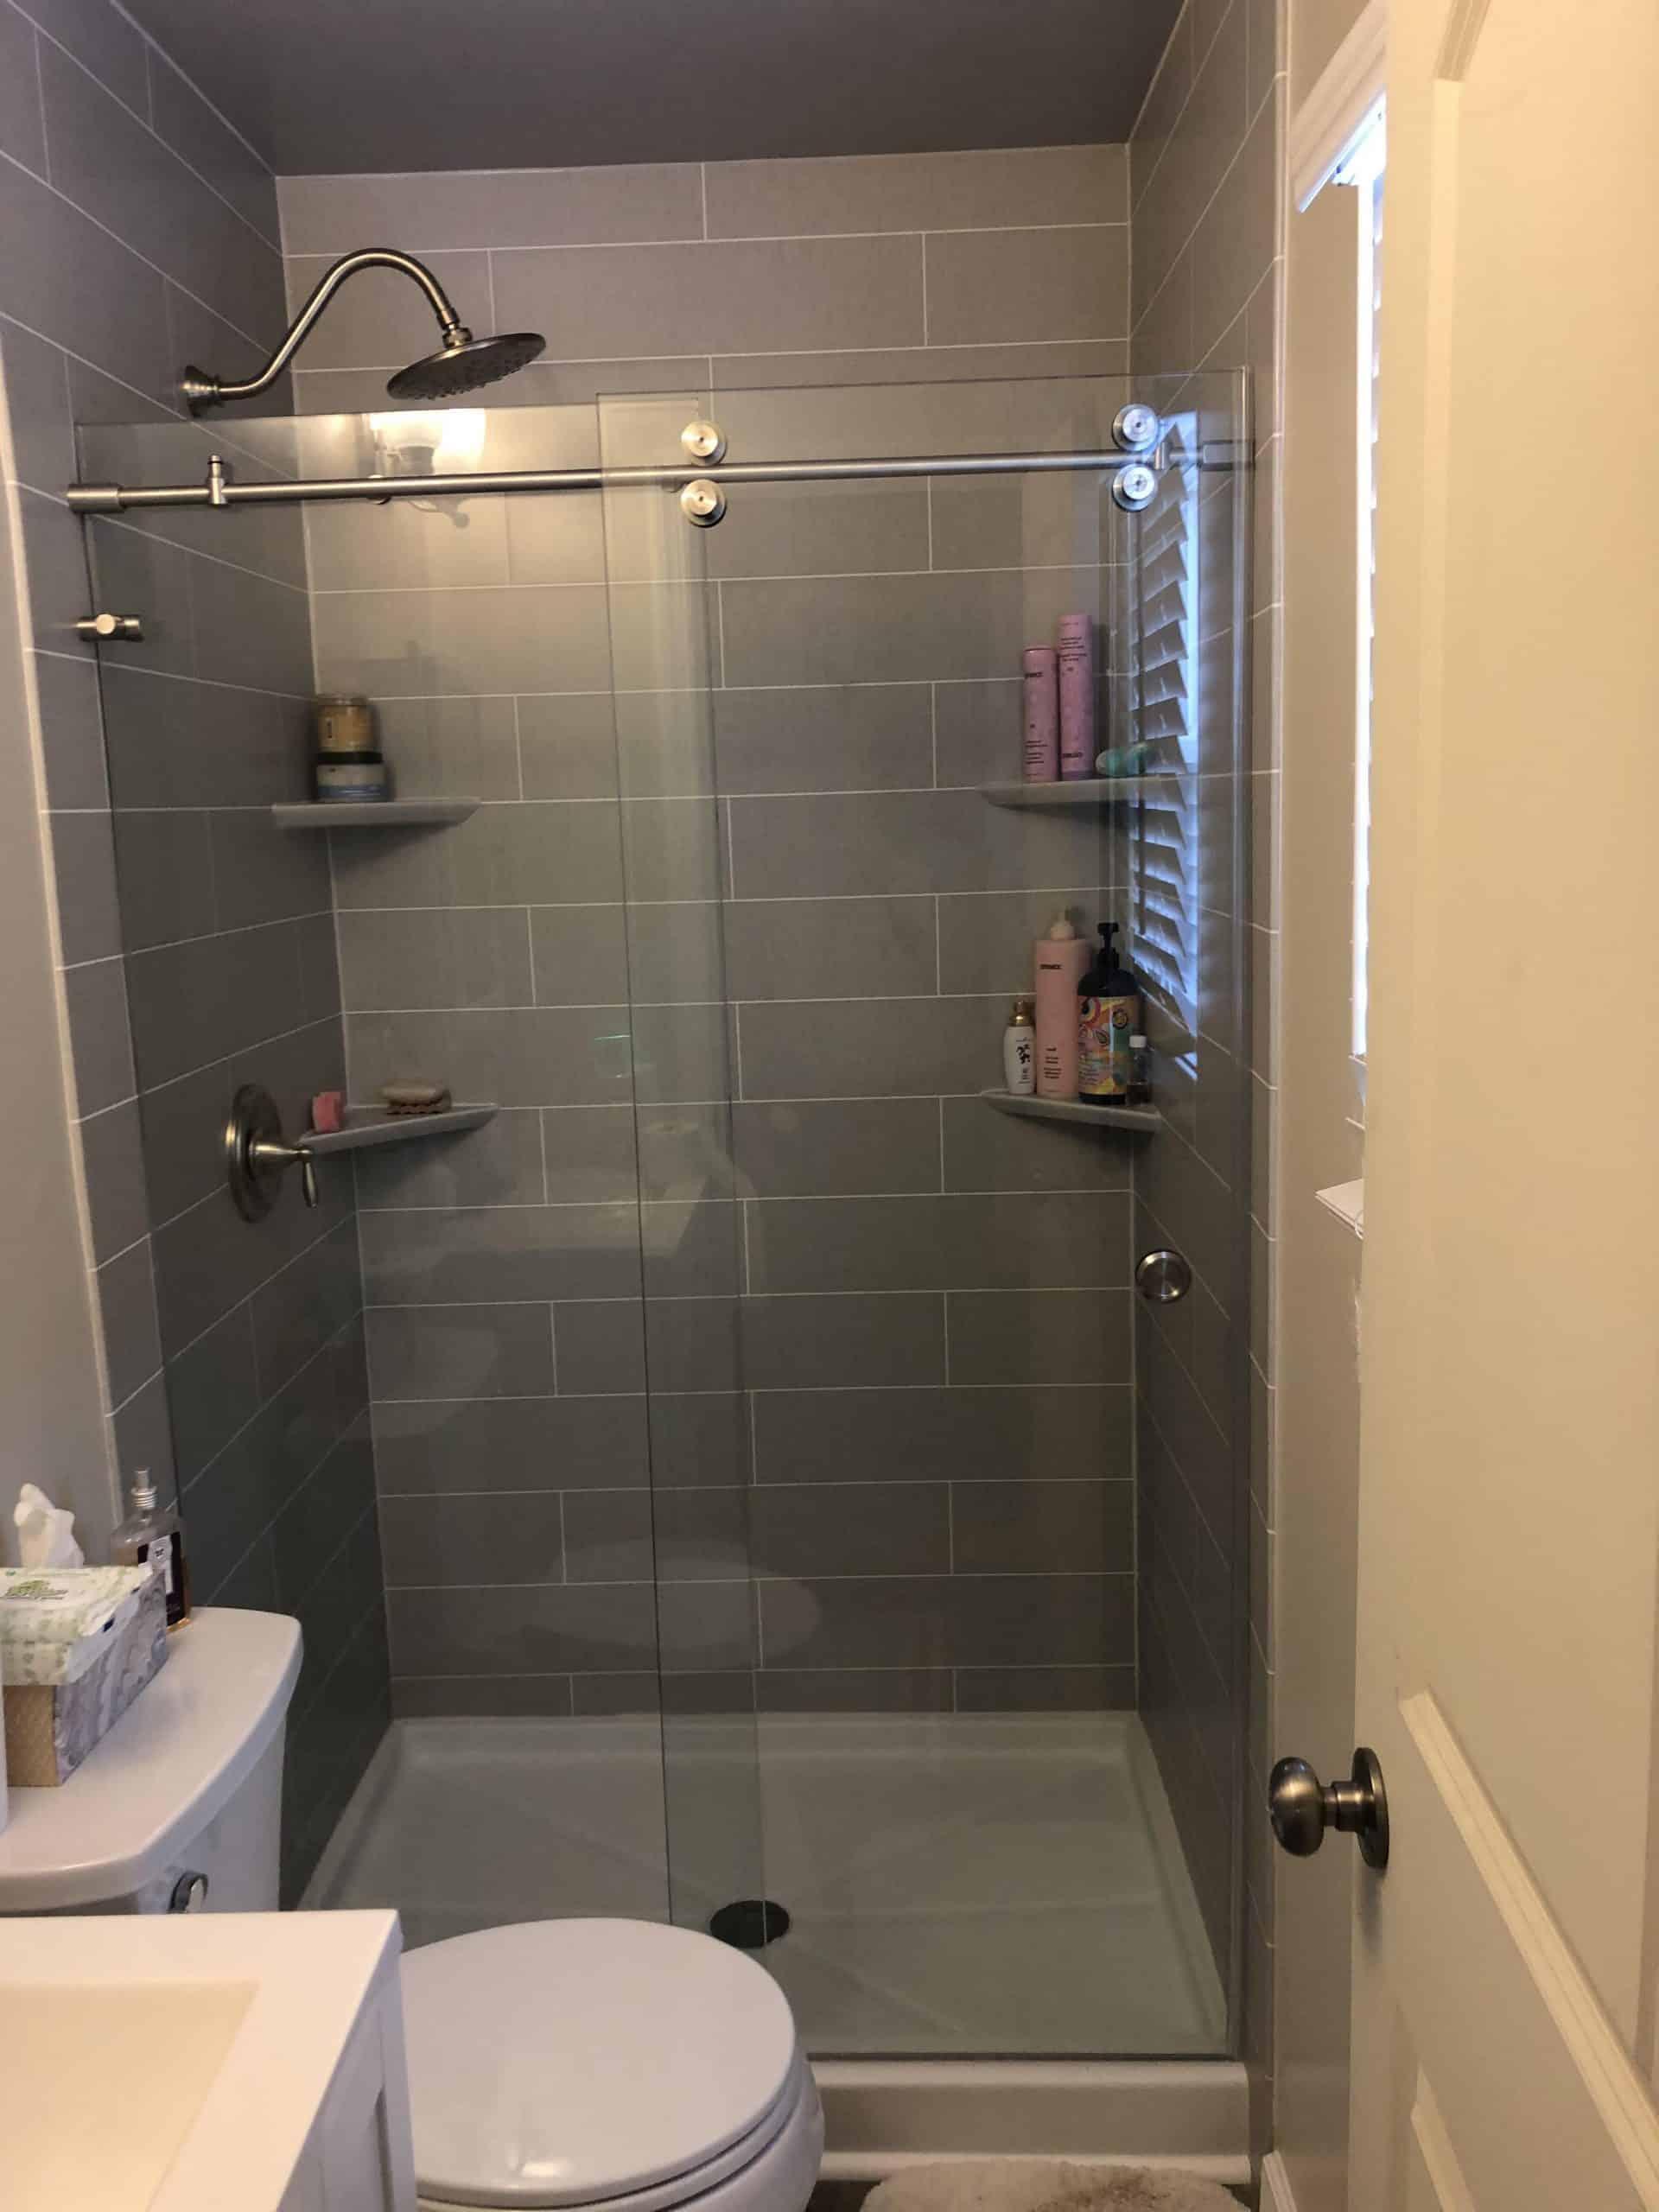 One Day Shower Remodeling (after) Toms River, Nj Bathroom Pros